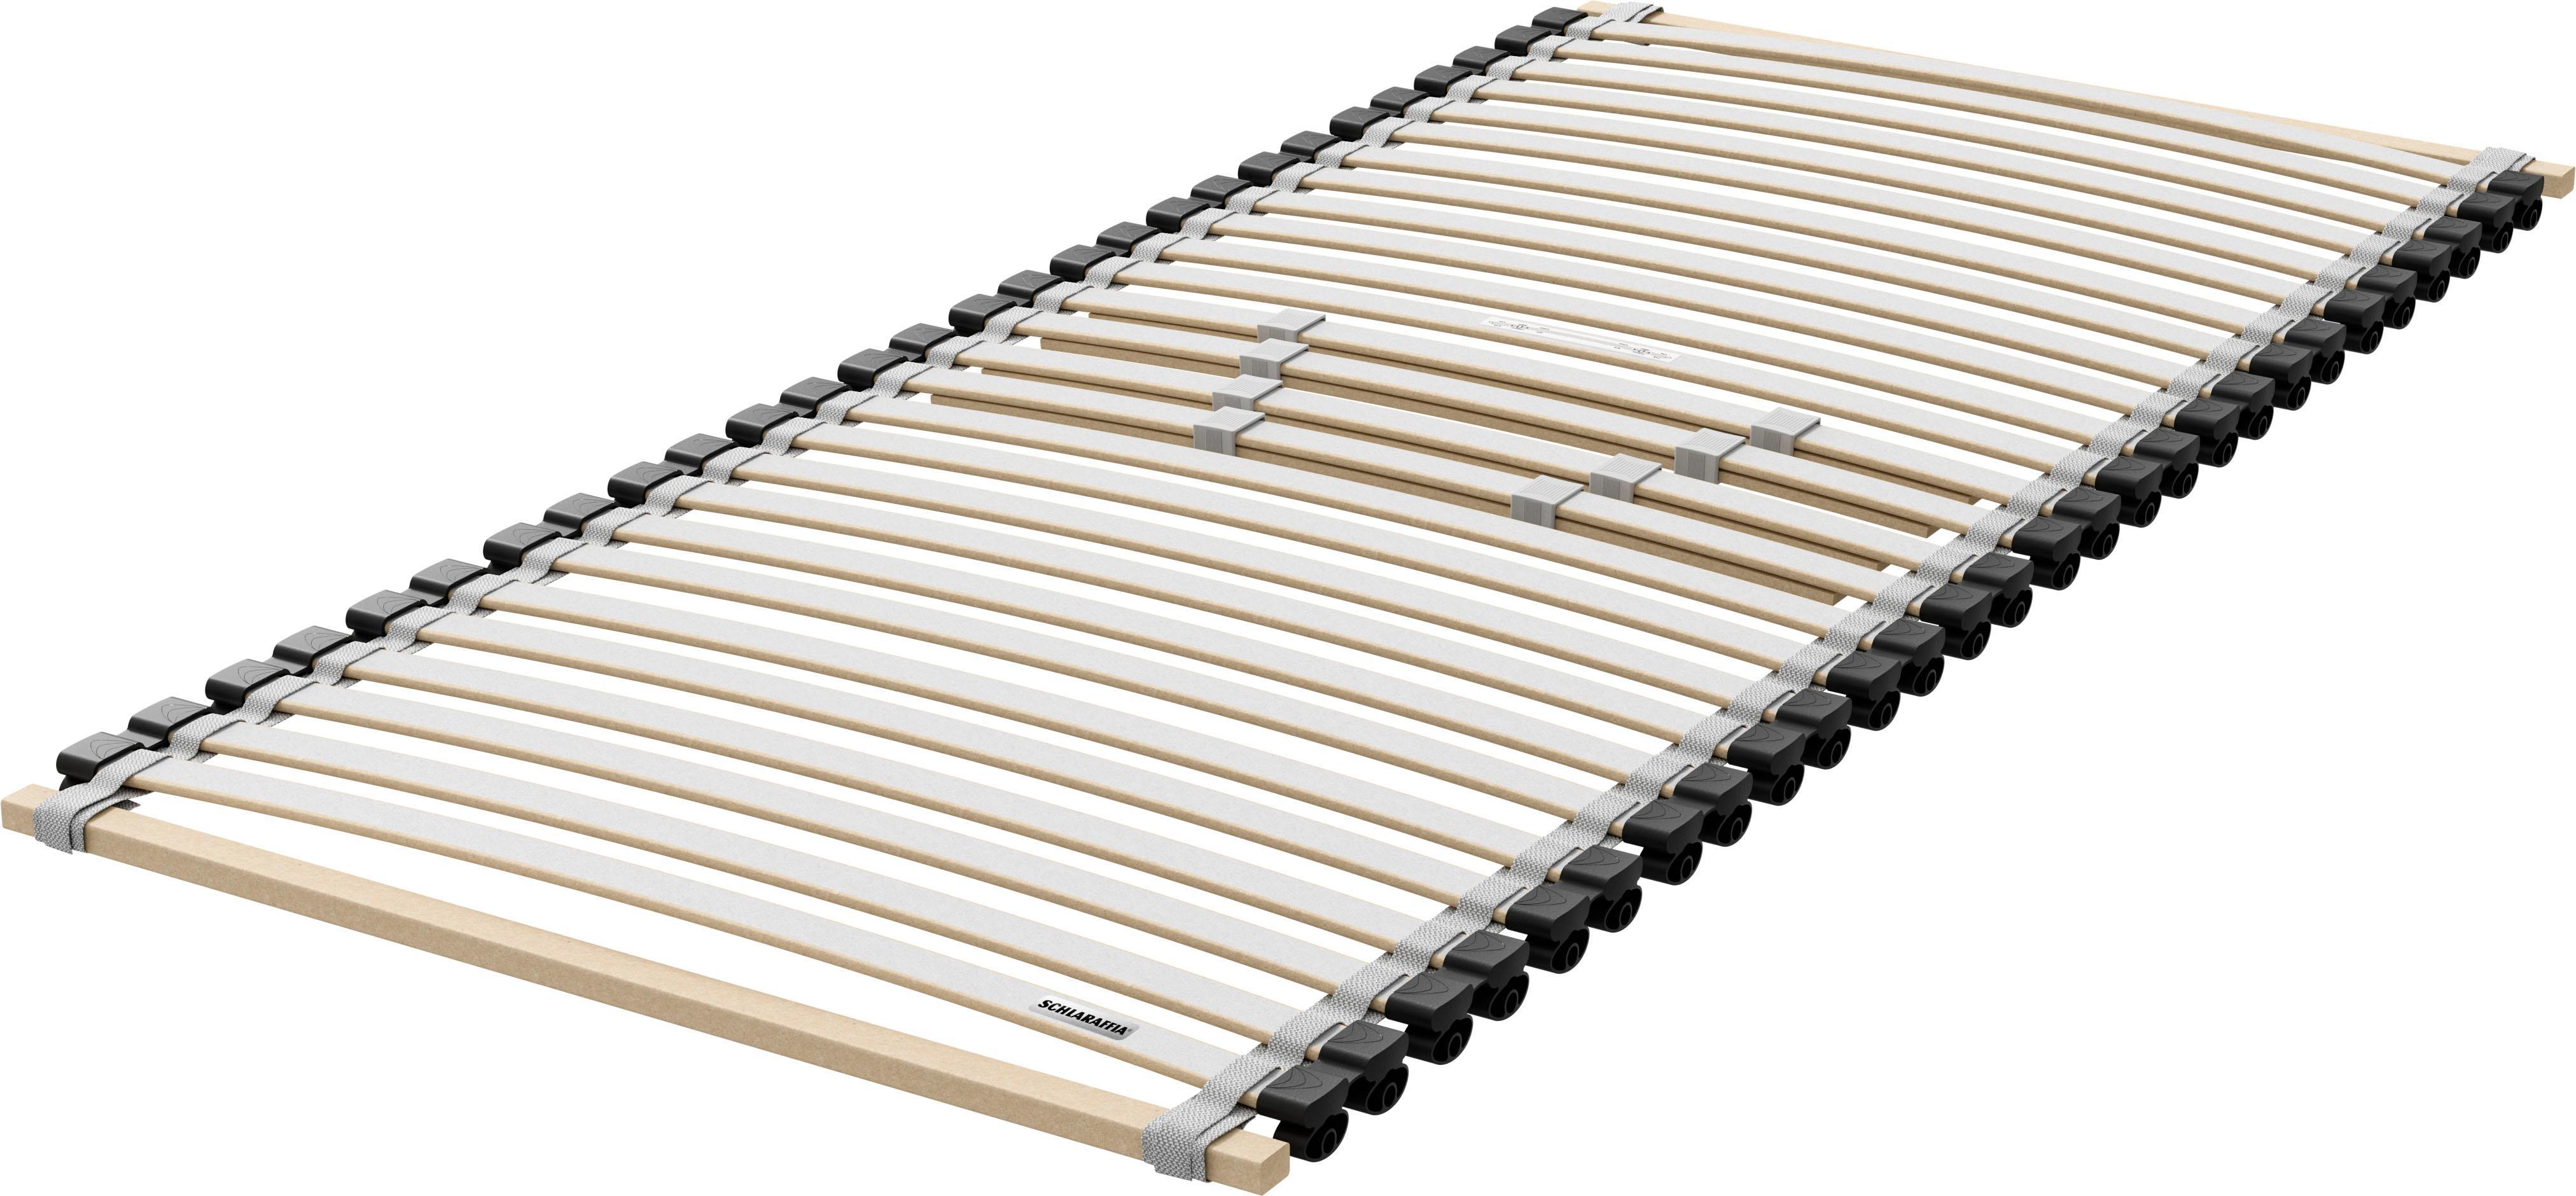 Rollrost  Roll'n'Sleep  Schlaraffia Kopfteil nicht verstellbar | Schlafzimmer > Lattenroste > Rollroste | Schlaraffia